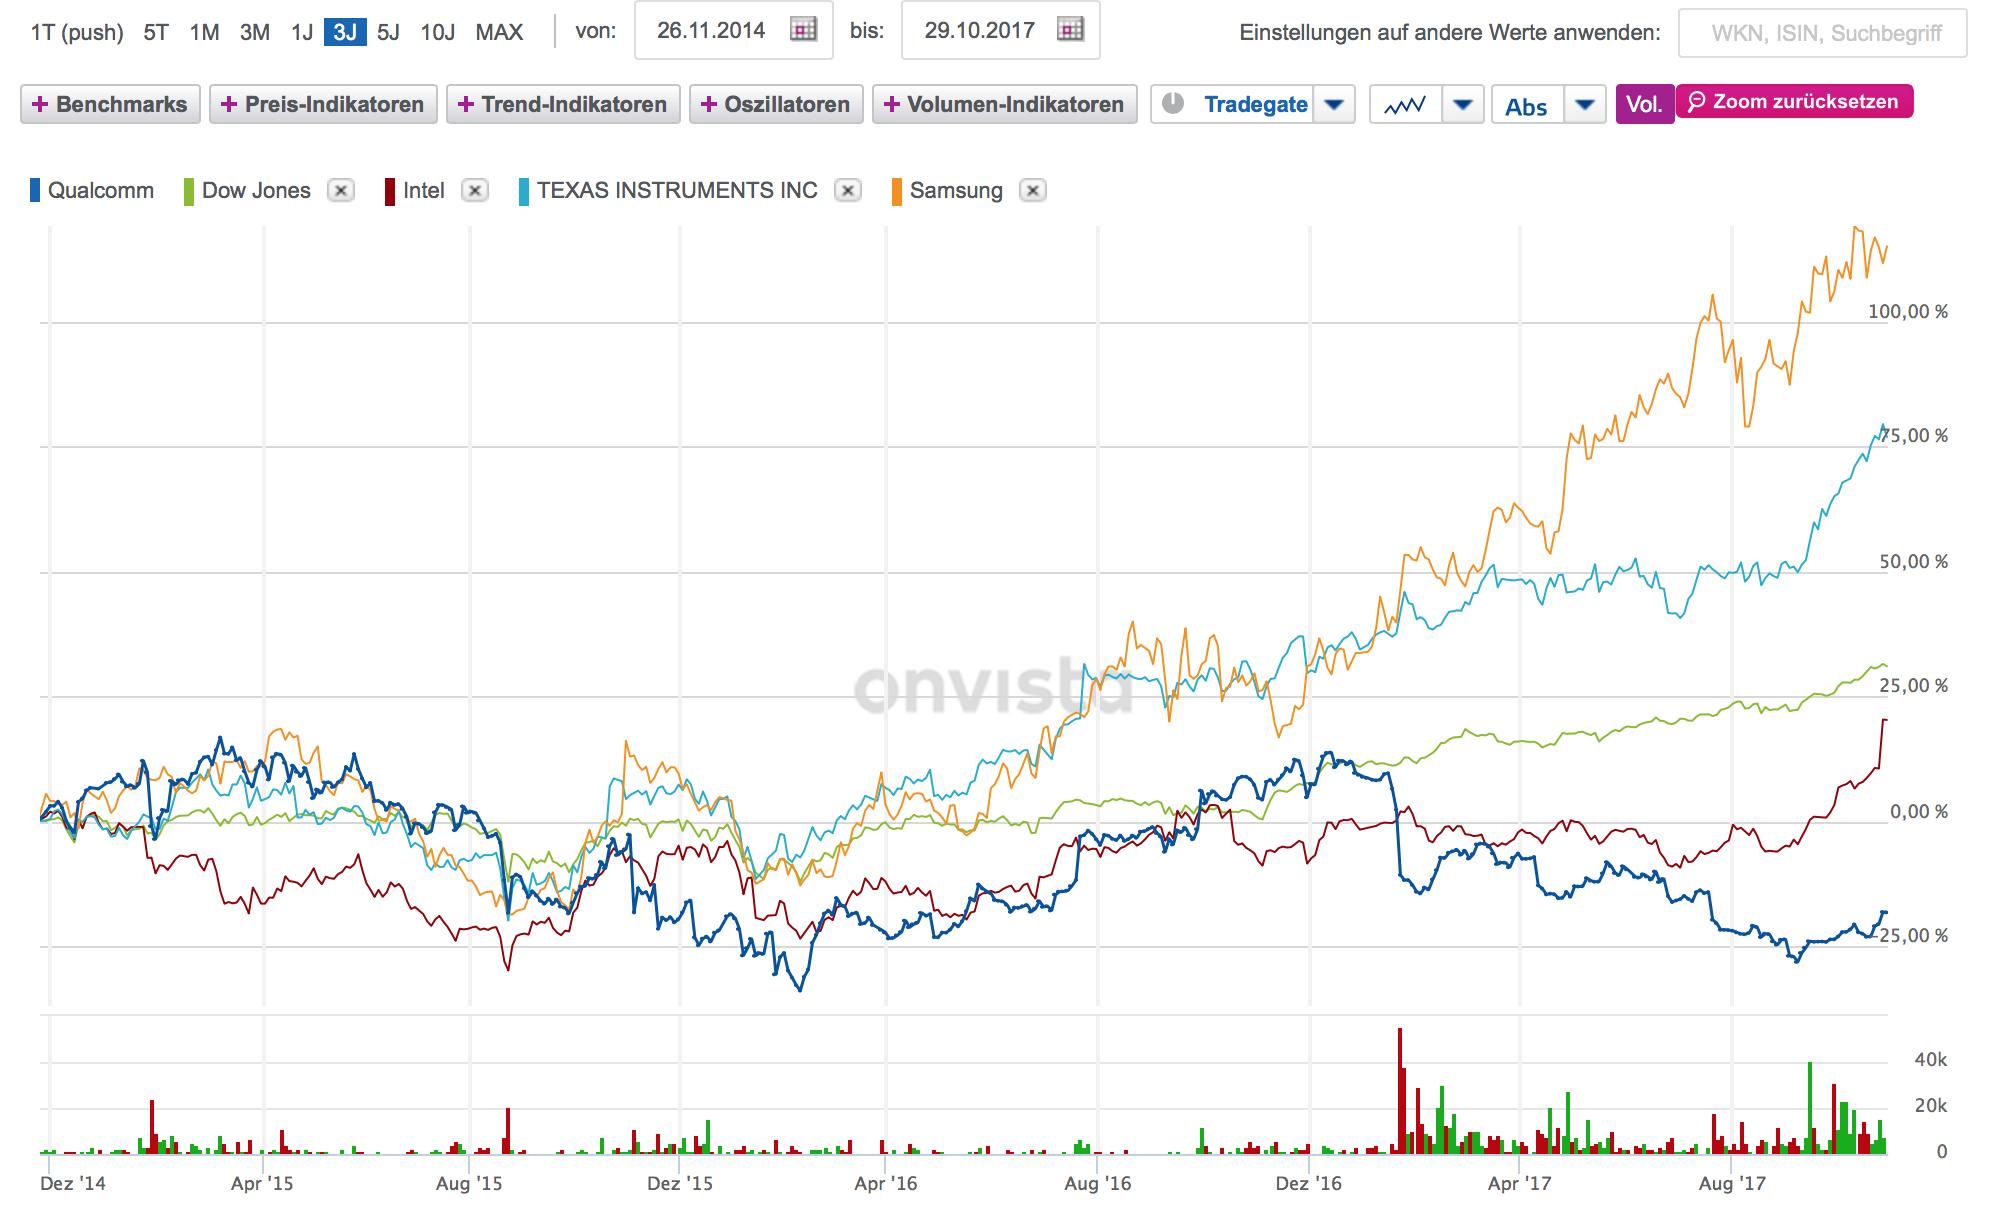 Qualcomm vs. Dow Jones and Peer Group